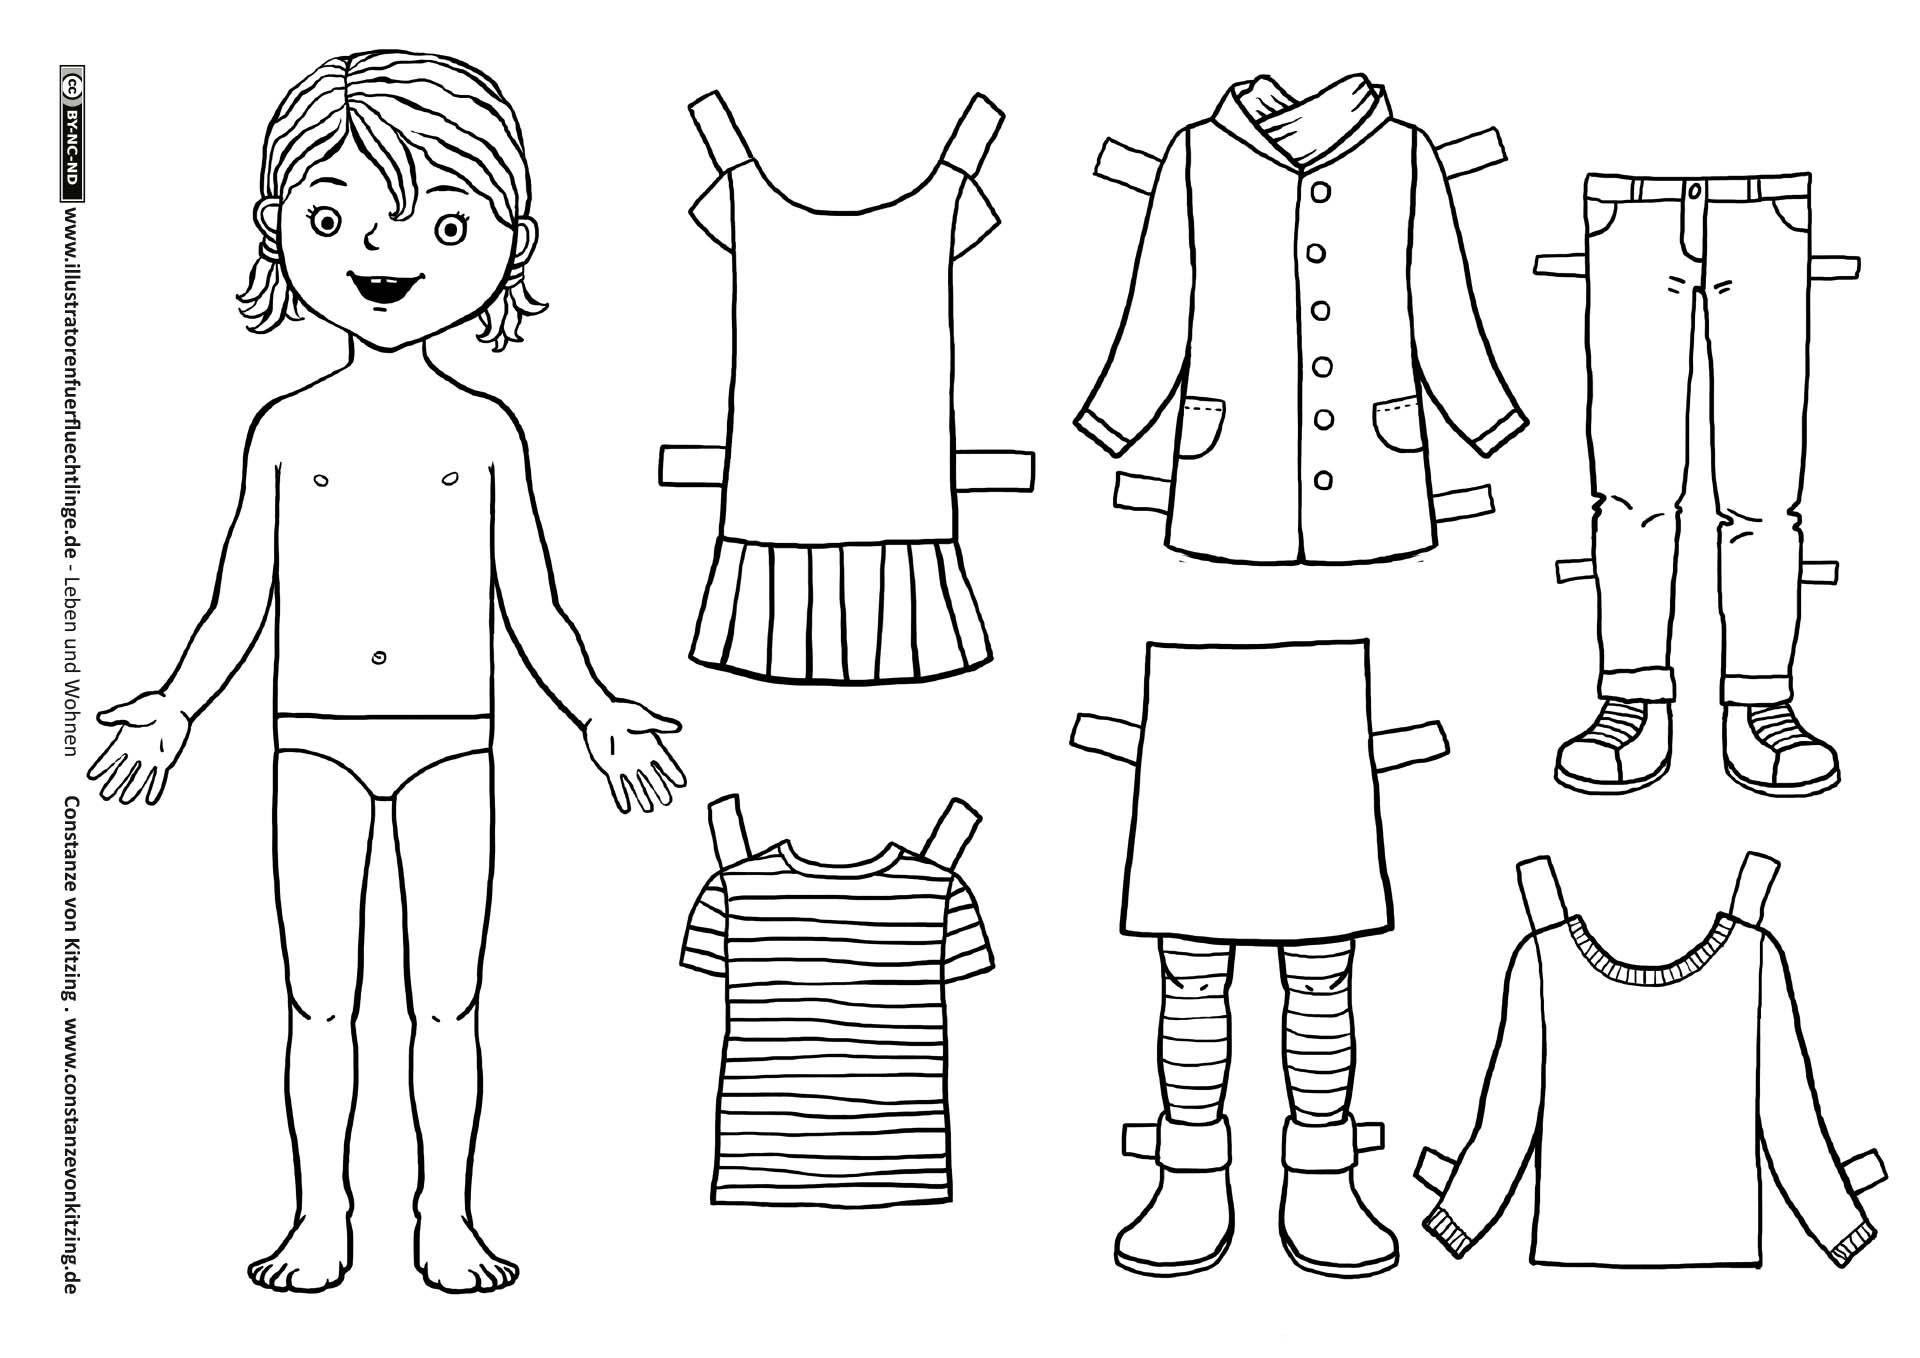 Download Als Pdf Leben Und Wohnen Kleidung Anziehpuppe Madchen Von Kitzing Papierpuppen Kinder Illustrator